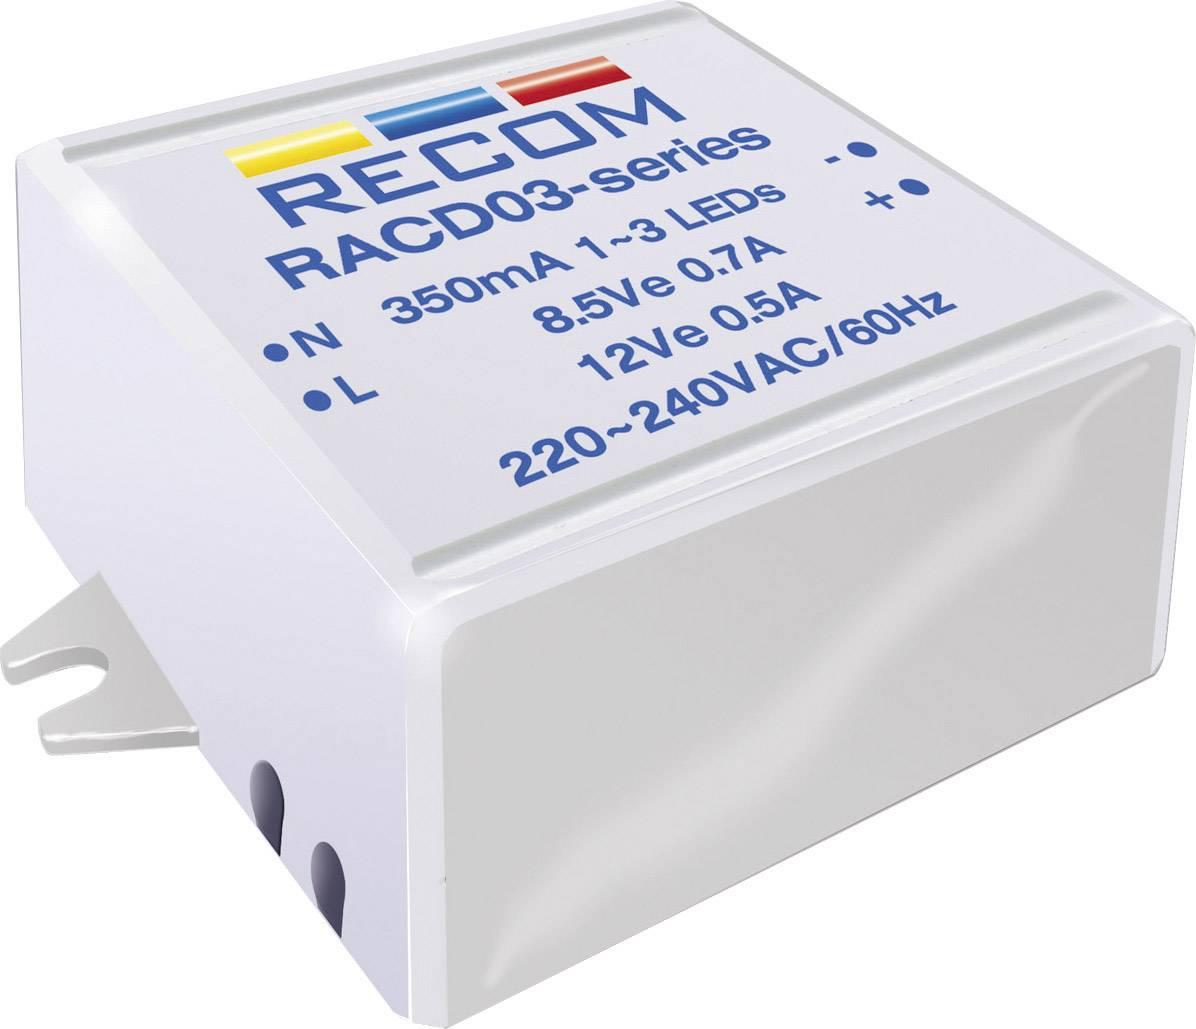 LED zdroj konštantného prúdu Recom Lighting RACD03-700, 700 mA, prevádzkové napätie (max.) 264 V/AC